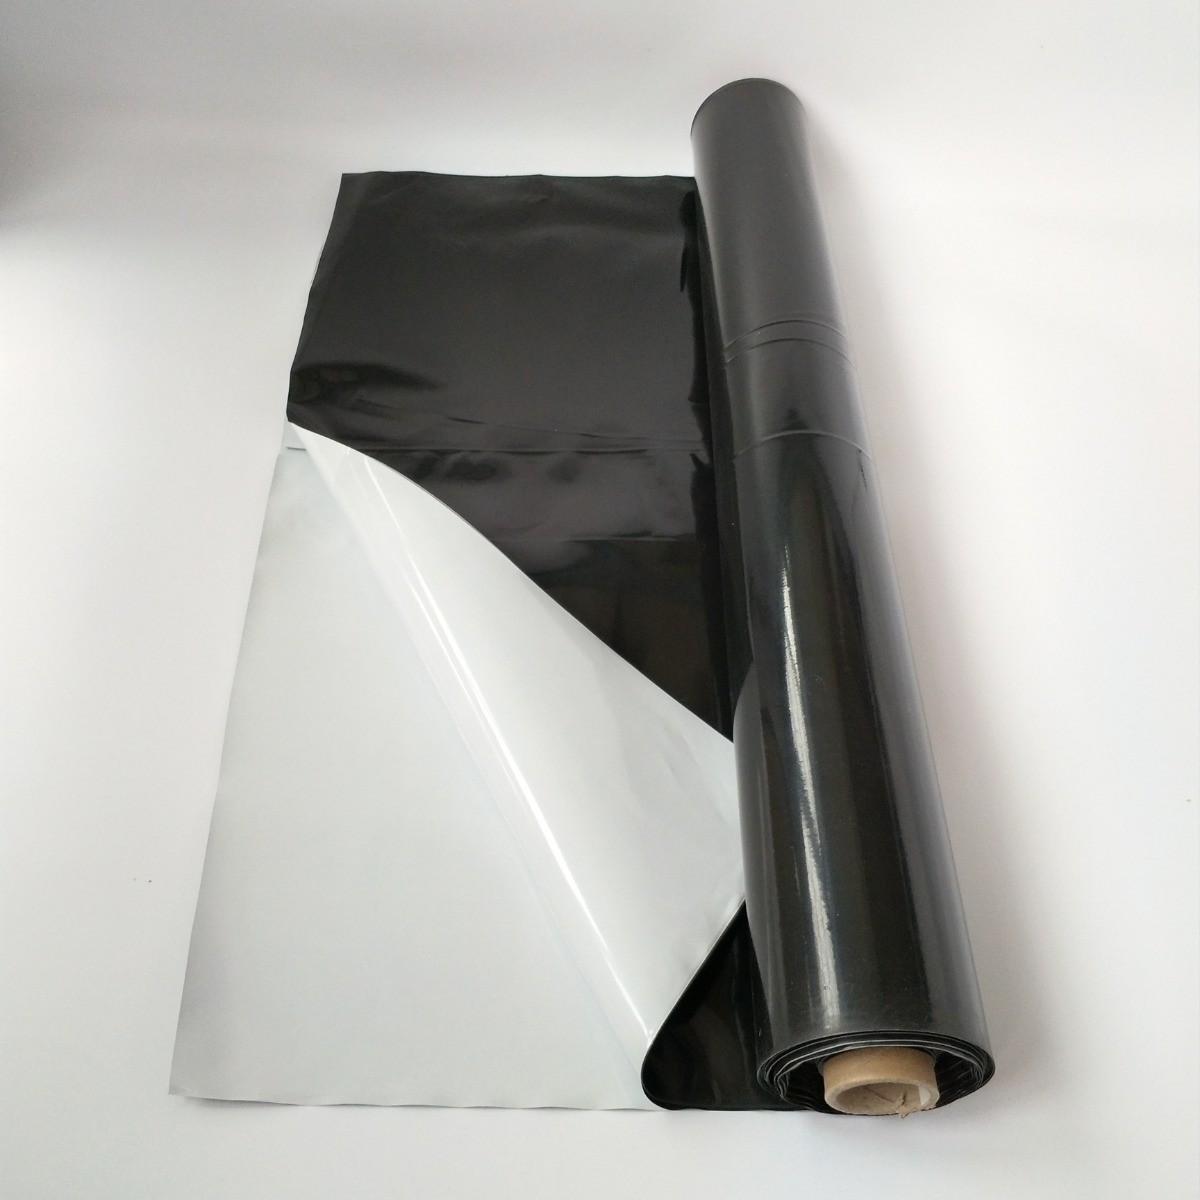 Lona Silagem Nortene Branca/Preta 72kg - 6x33m